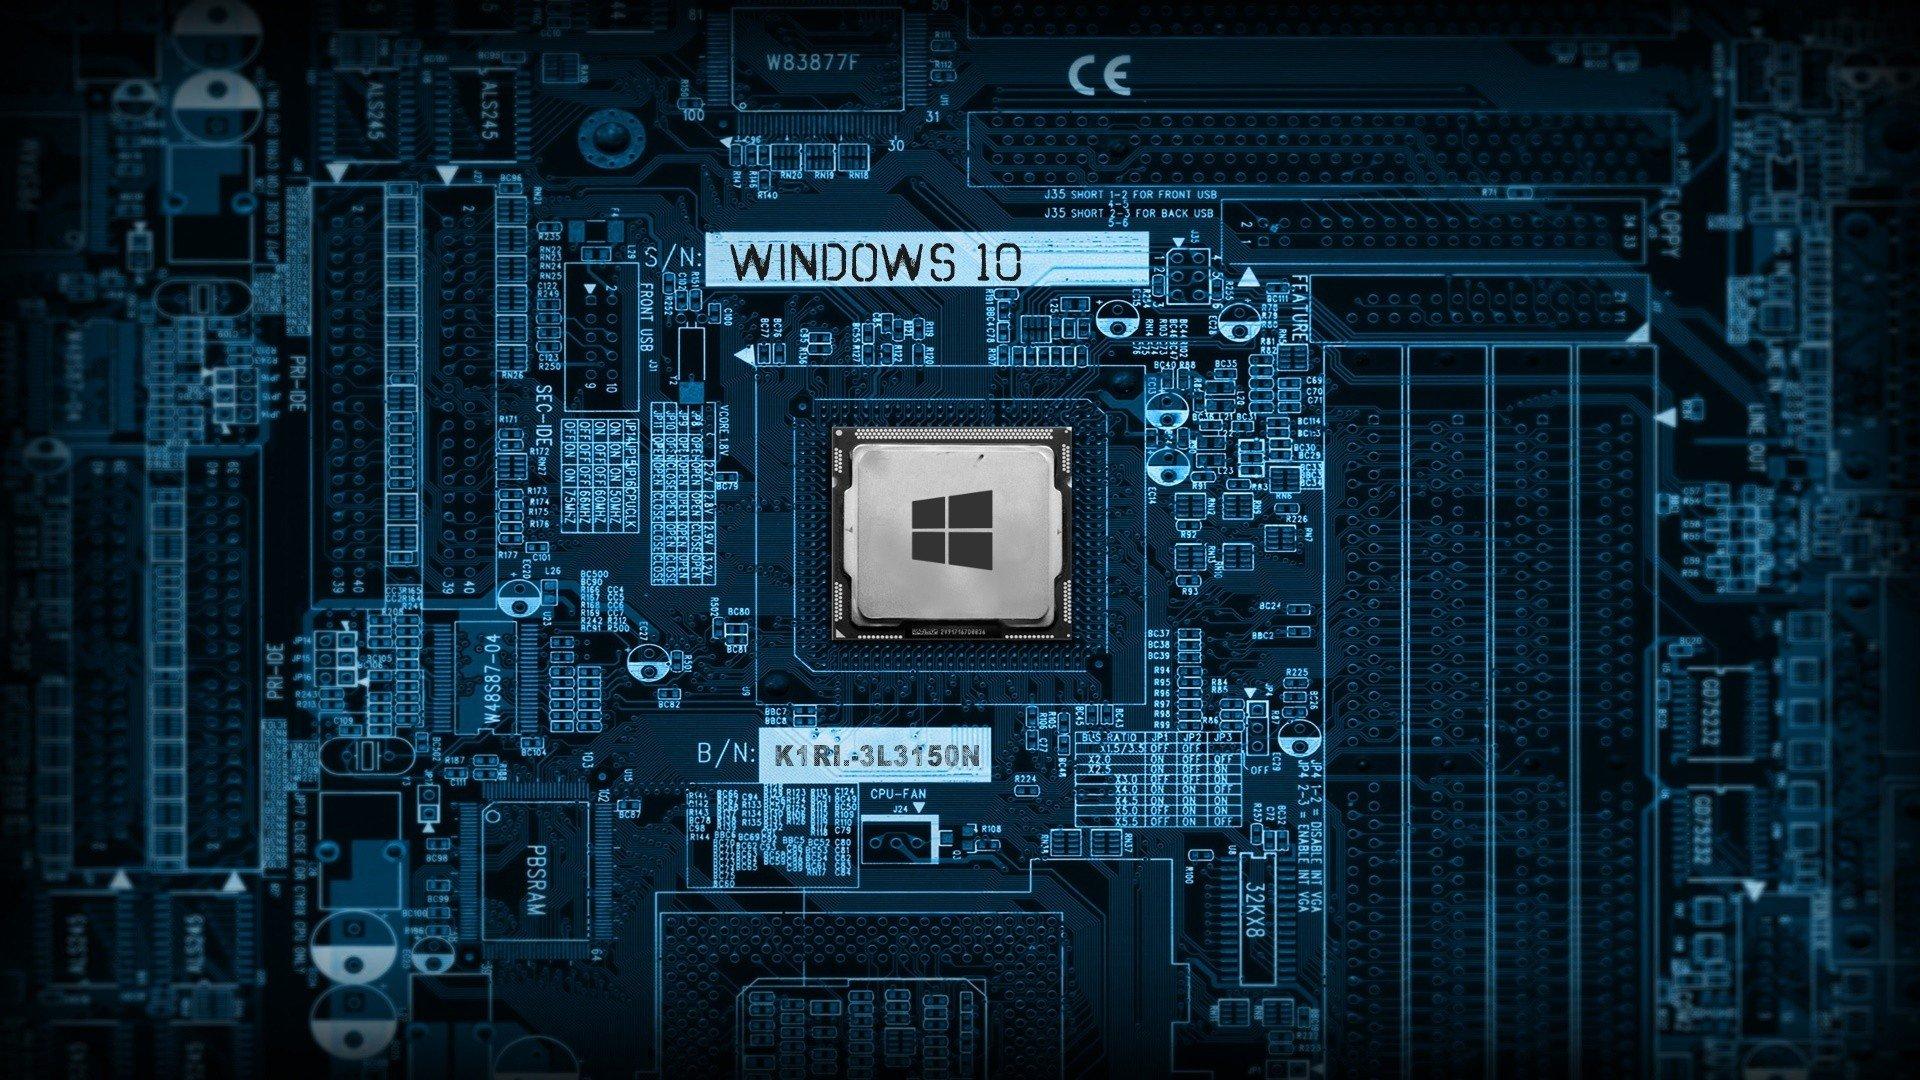 Wallpaper 1920x1080 Px Hi Microsoft Windows Tech Technology